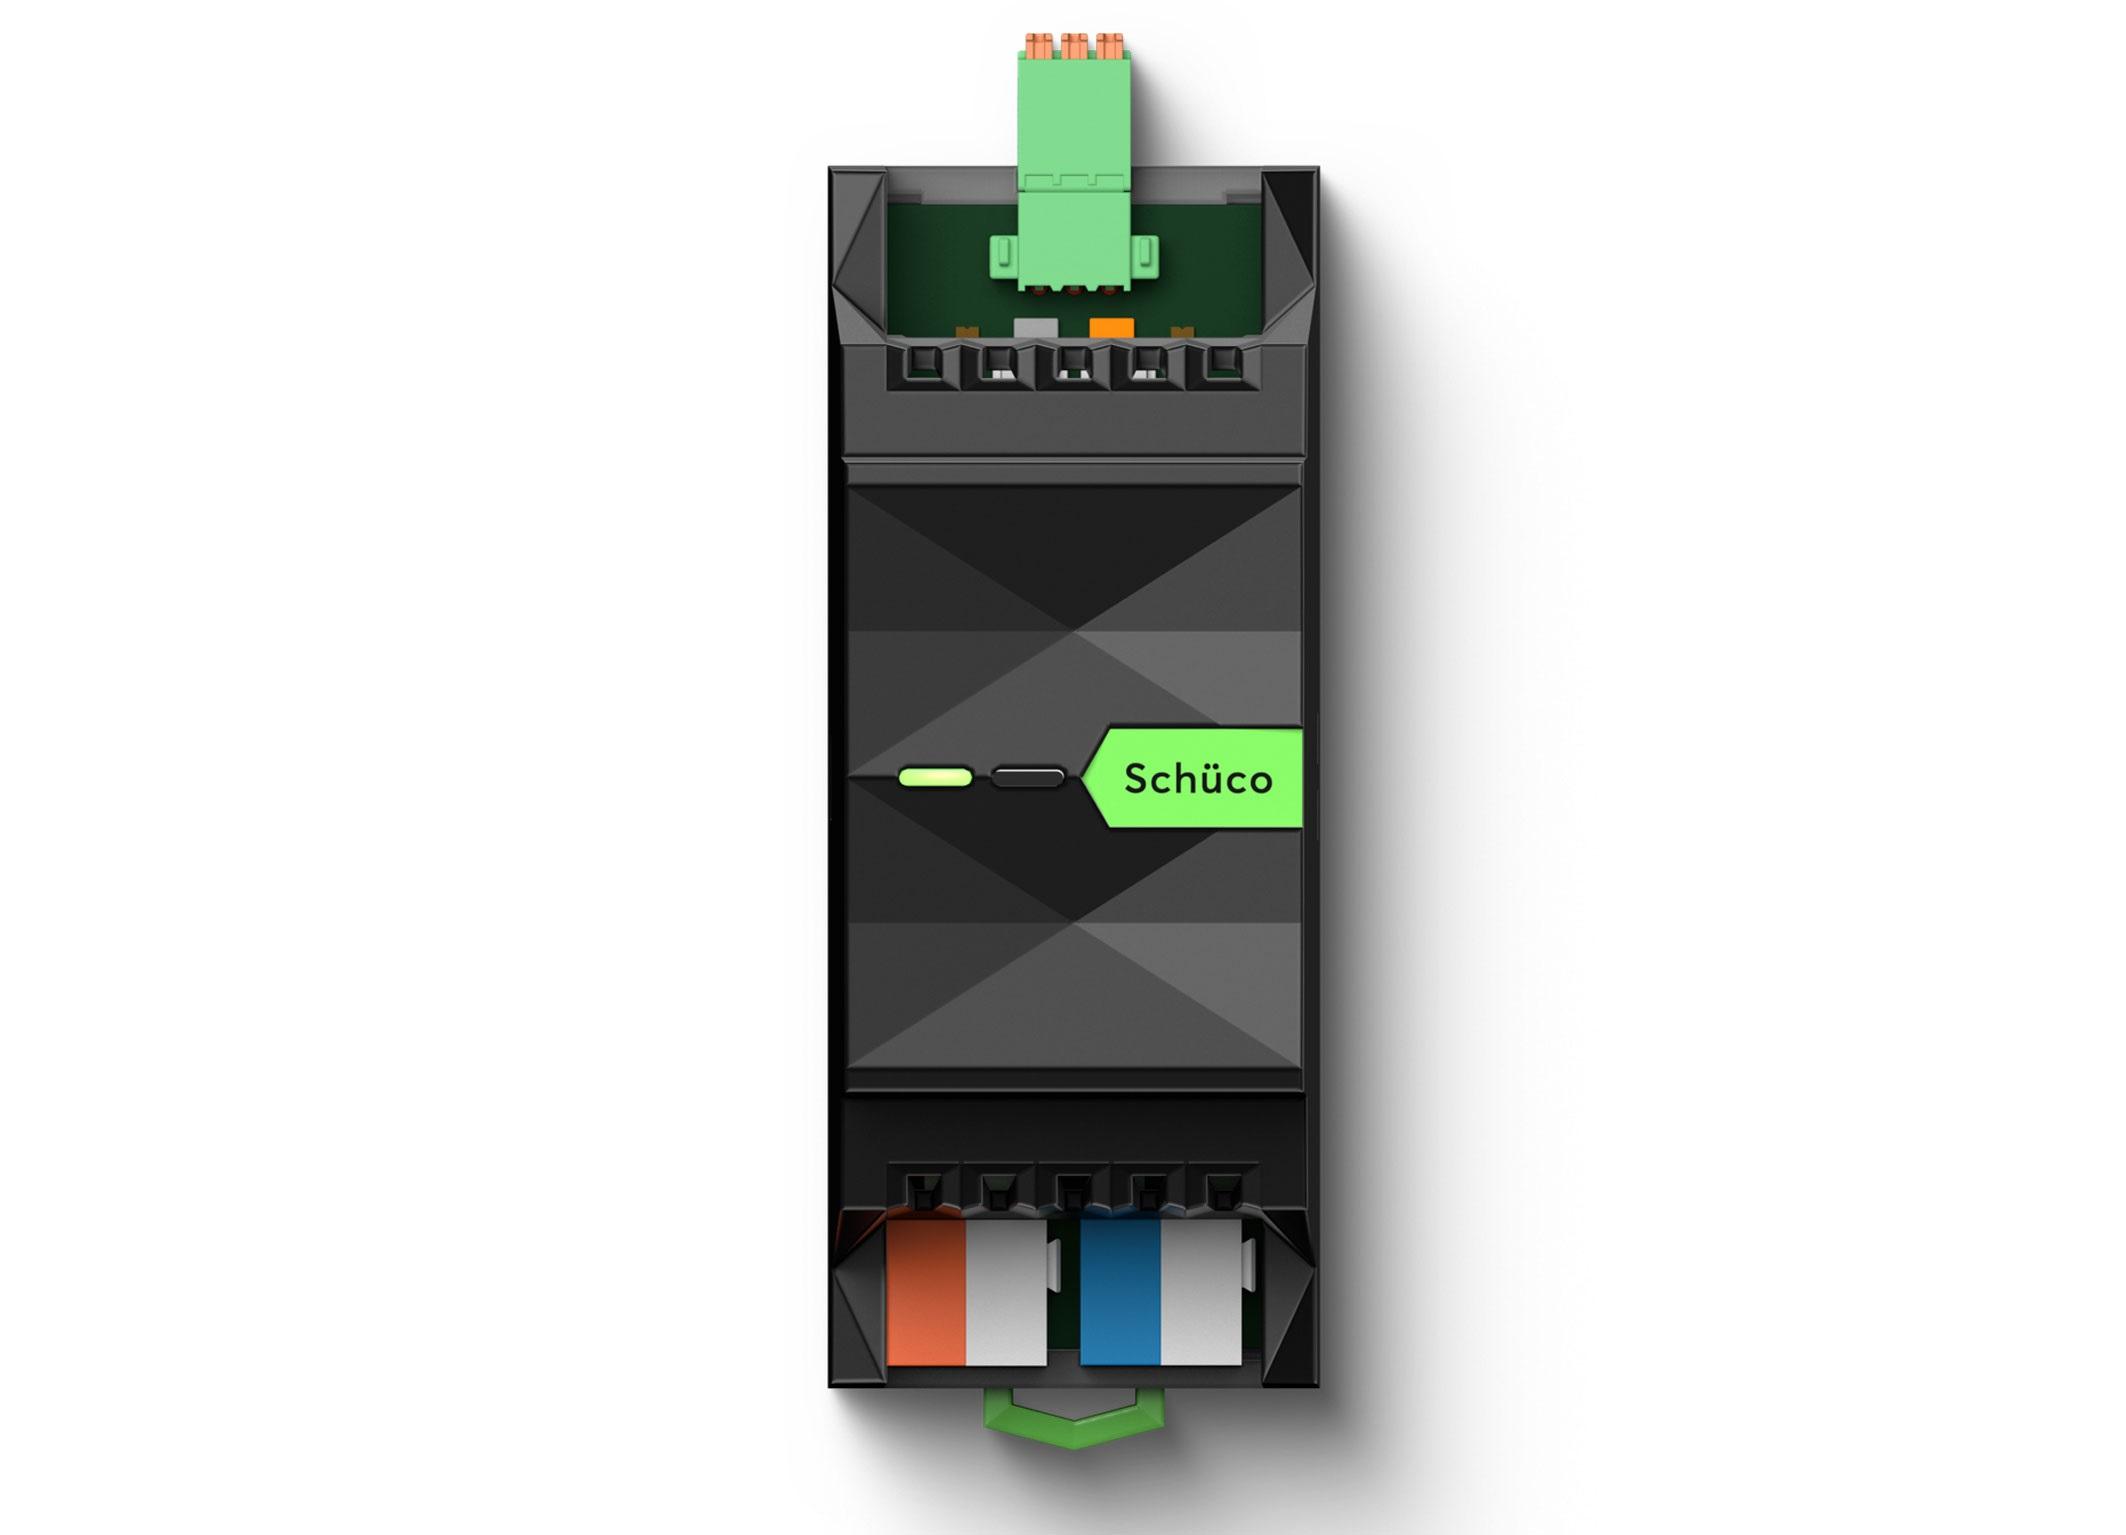 Schüco automatiza sus sistemas de correderas y ventanas de la mano de Loxone